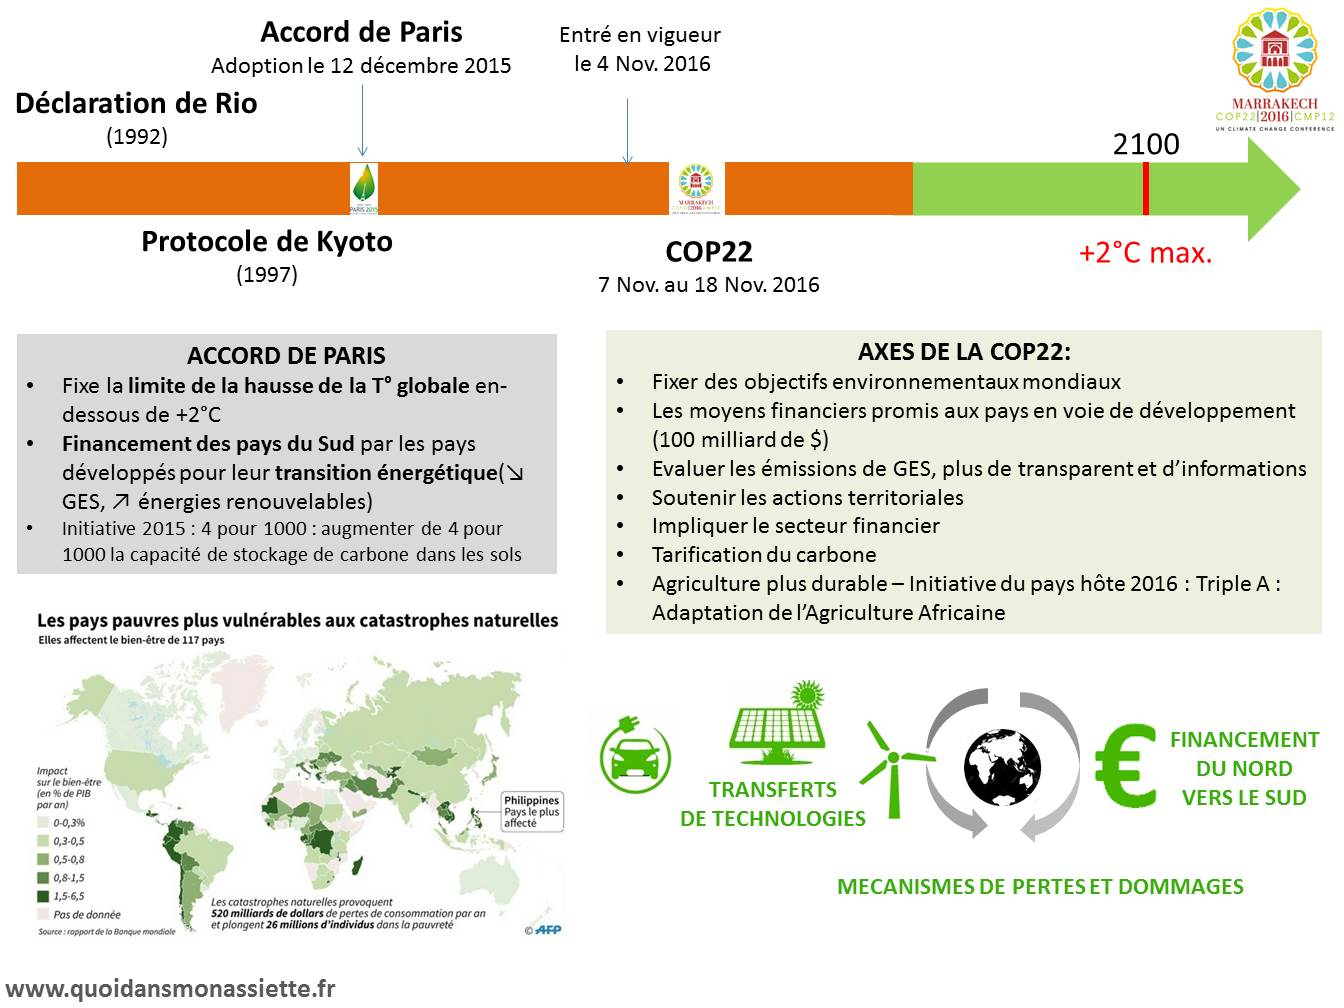 COP22 Changement climatique marrakech